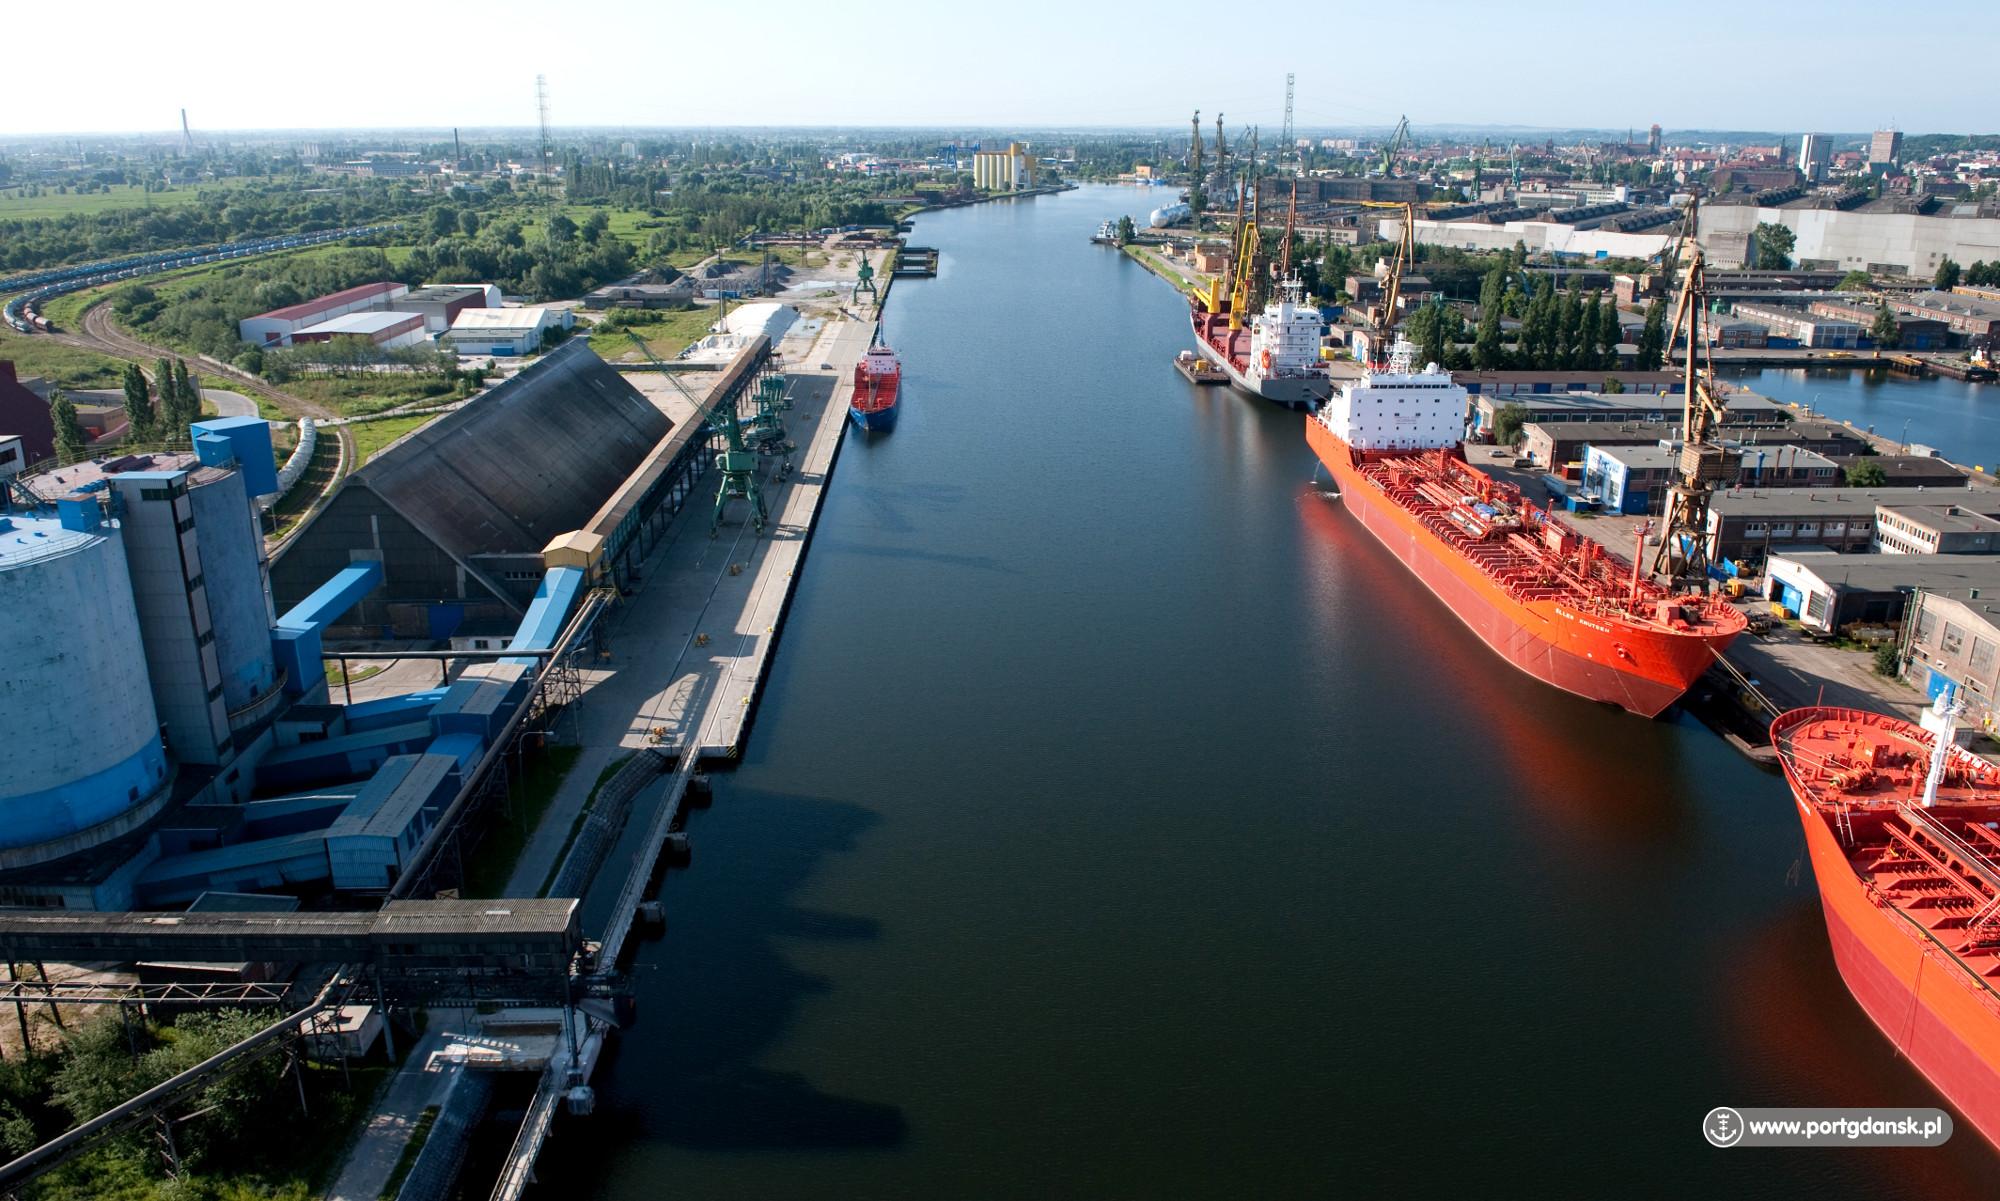 Polskie porty z nowym rekordem przeładunków. W 2018 roku uzyskały historyczny wynik